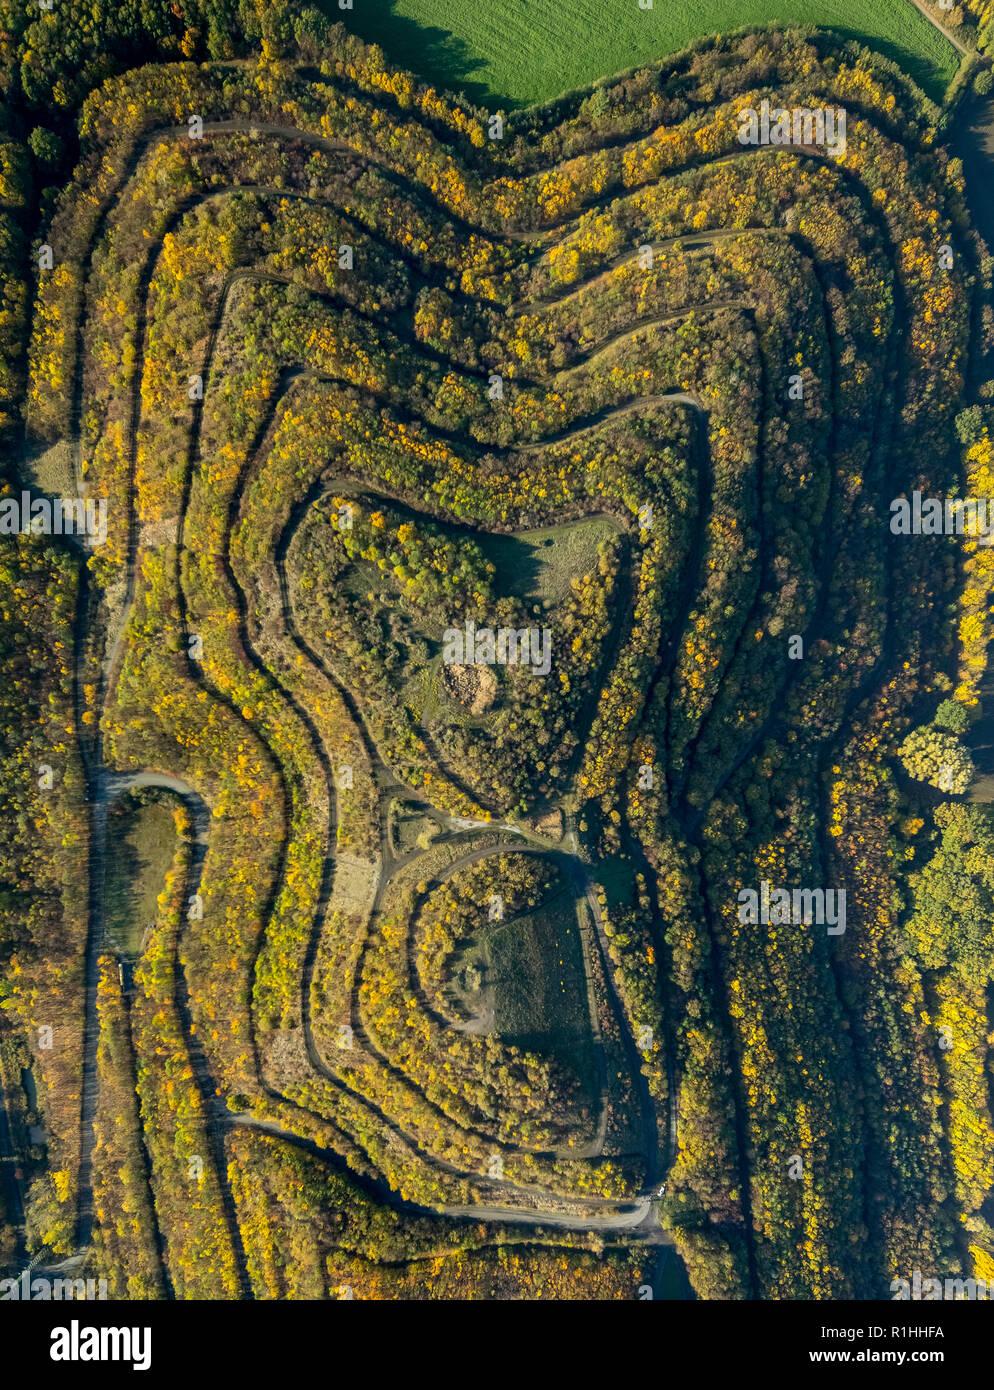 Vue aérienne, la hauteur en Kissinger Herringen, chemins, courbes, lignes d'égale hauteur, des sentiers, des feuilles d'automne coloré, Golden Octobre, Hamm Photo Stock